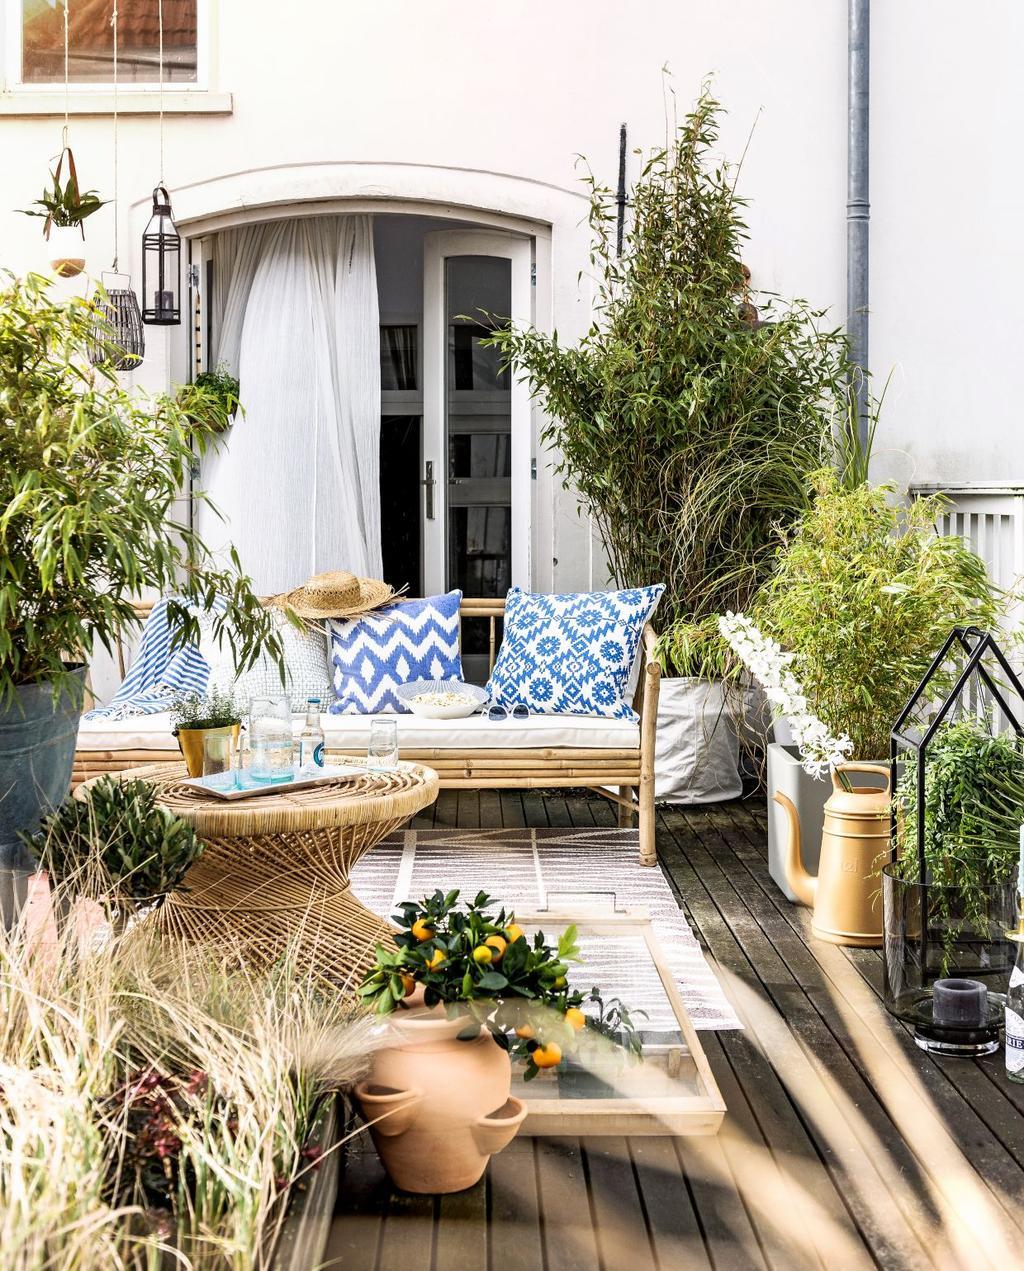 2016-05 vtwonen | tuin terras bankje met blauwe kussens